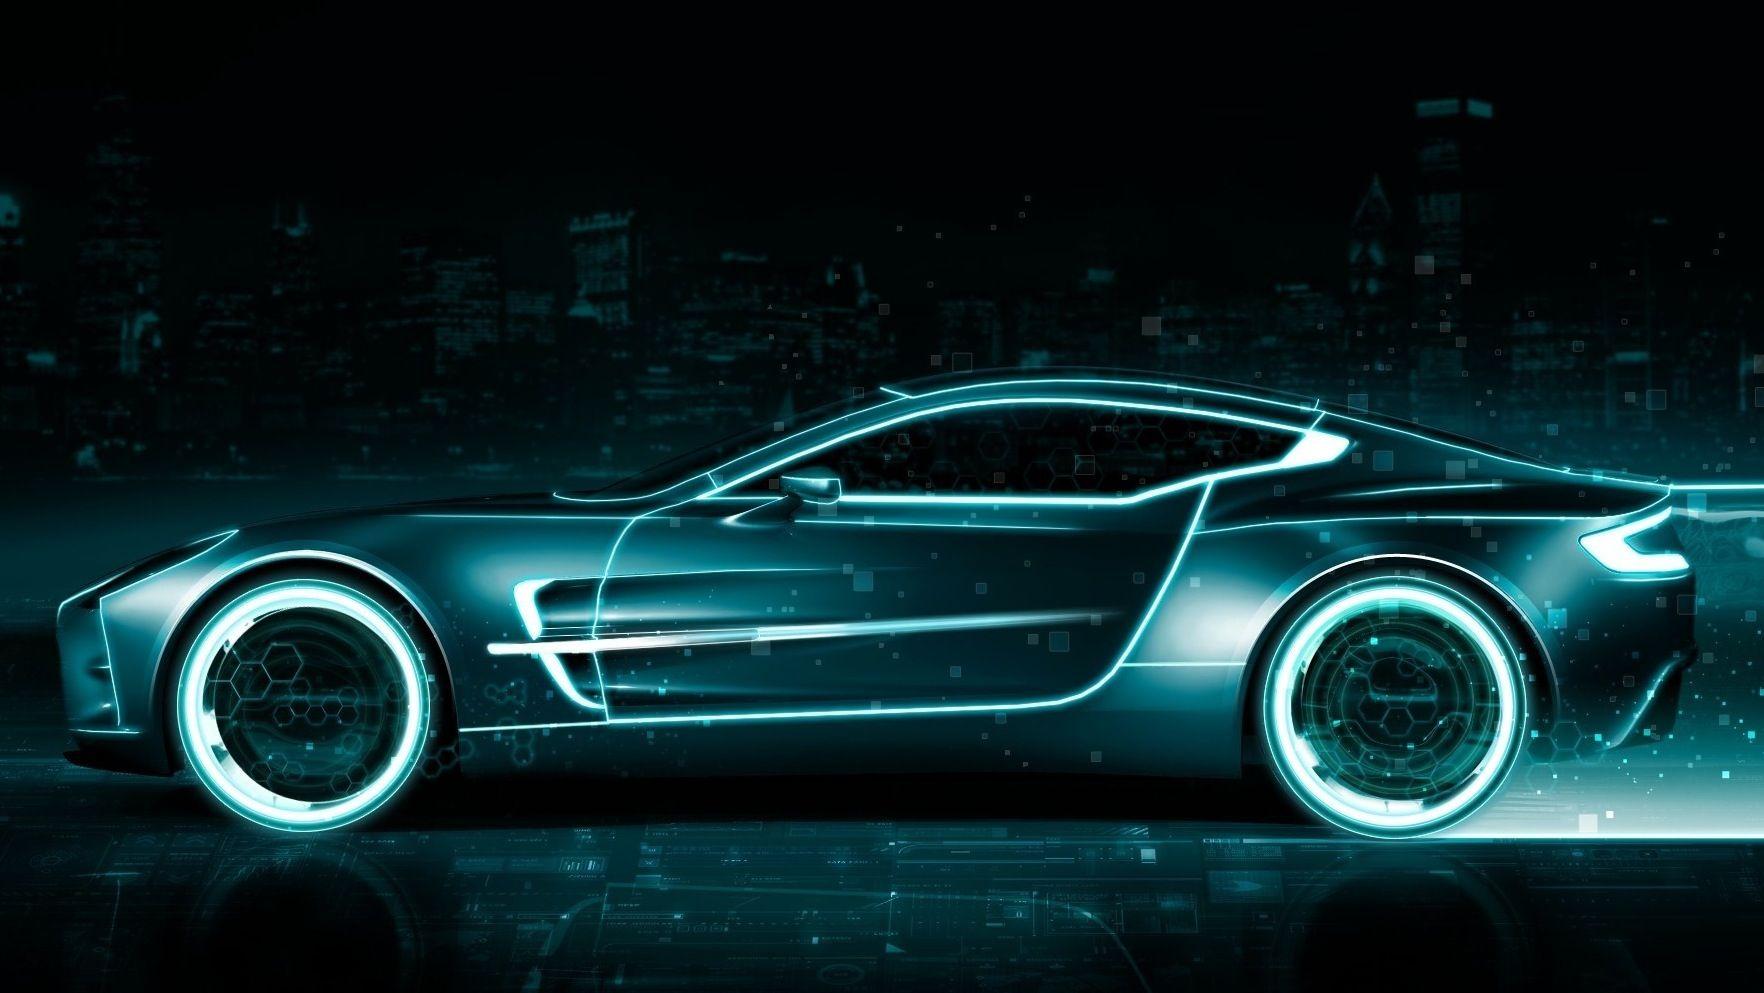 Neon Car Carros Y Motos Prototipos